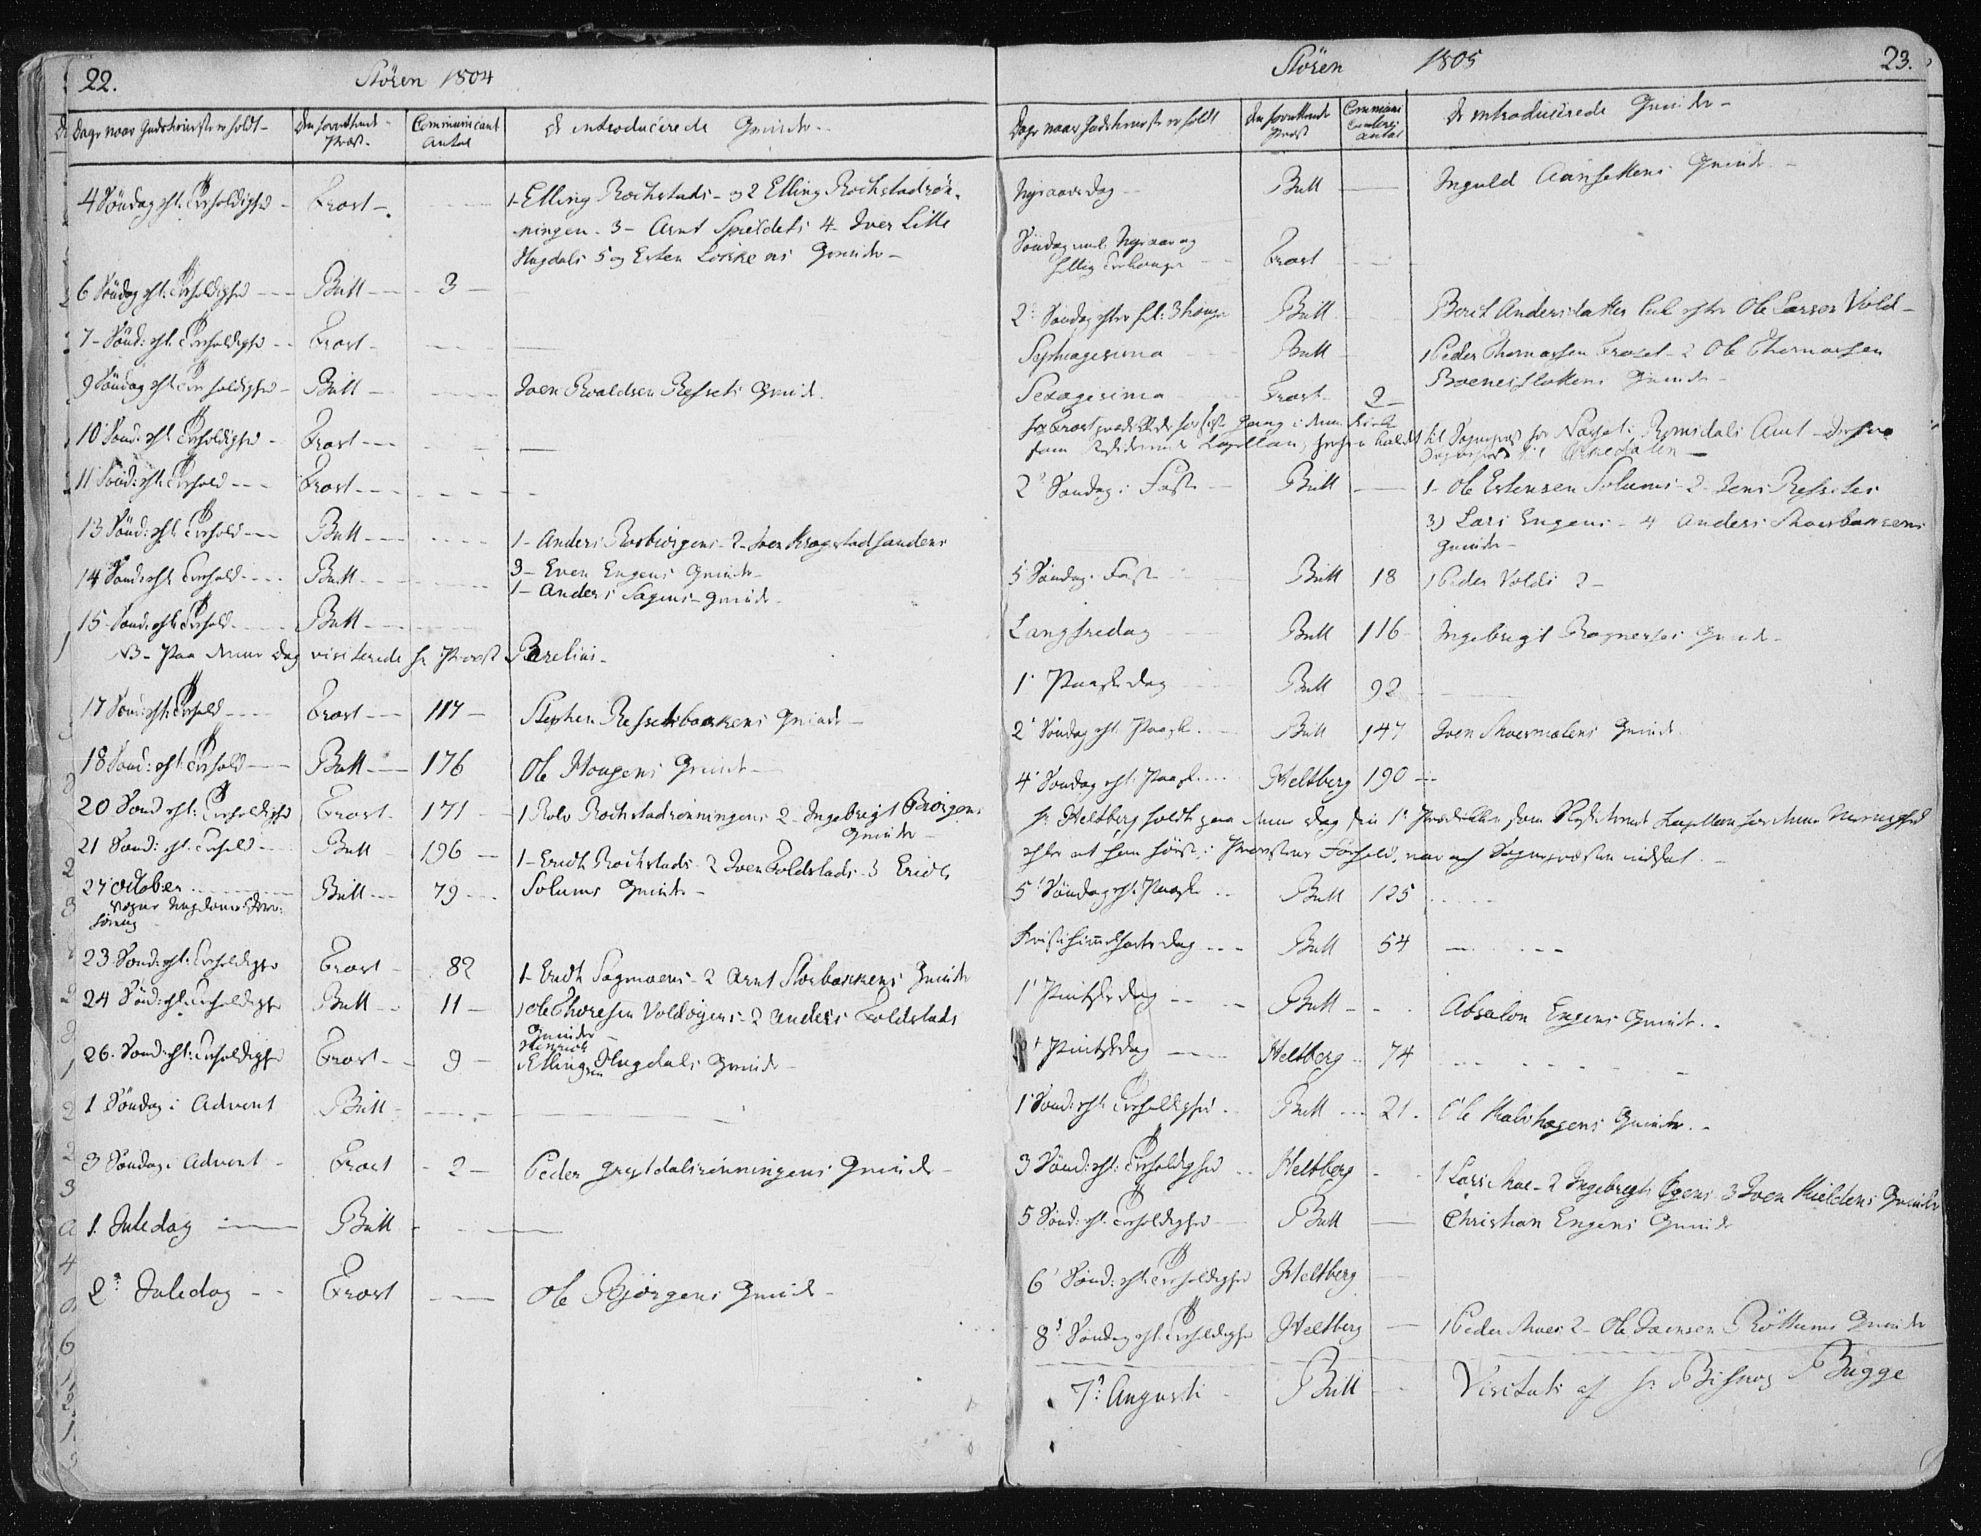 SAT, Ministerialprotokoller, klokkerbøker og fødselsregistre - Sør-Trøndelag, 687/L0992: Ministerialbok nr. 687A03 /1, 1788-1815, s. 22-23